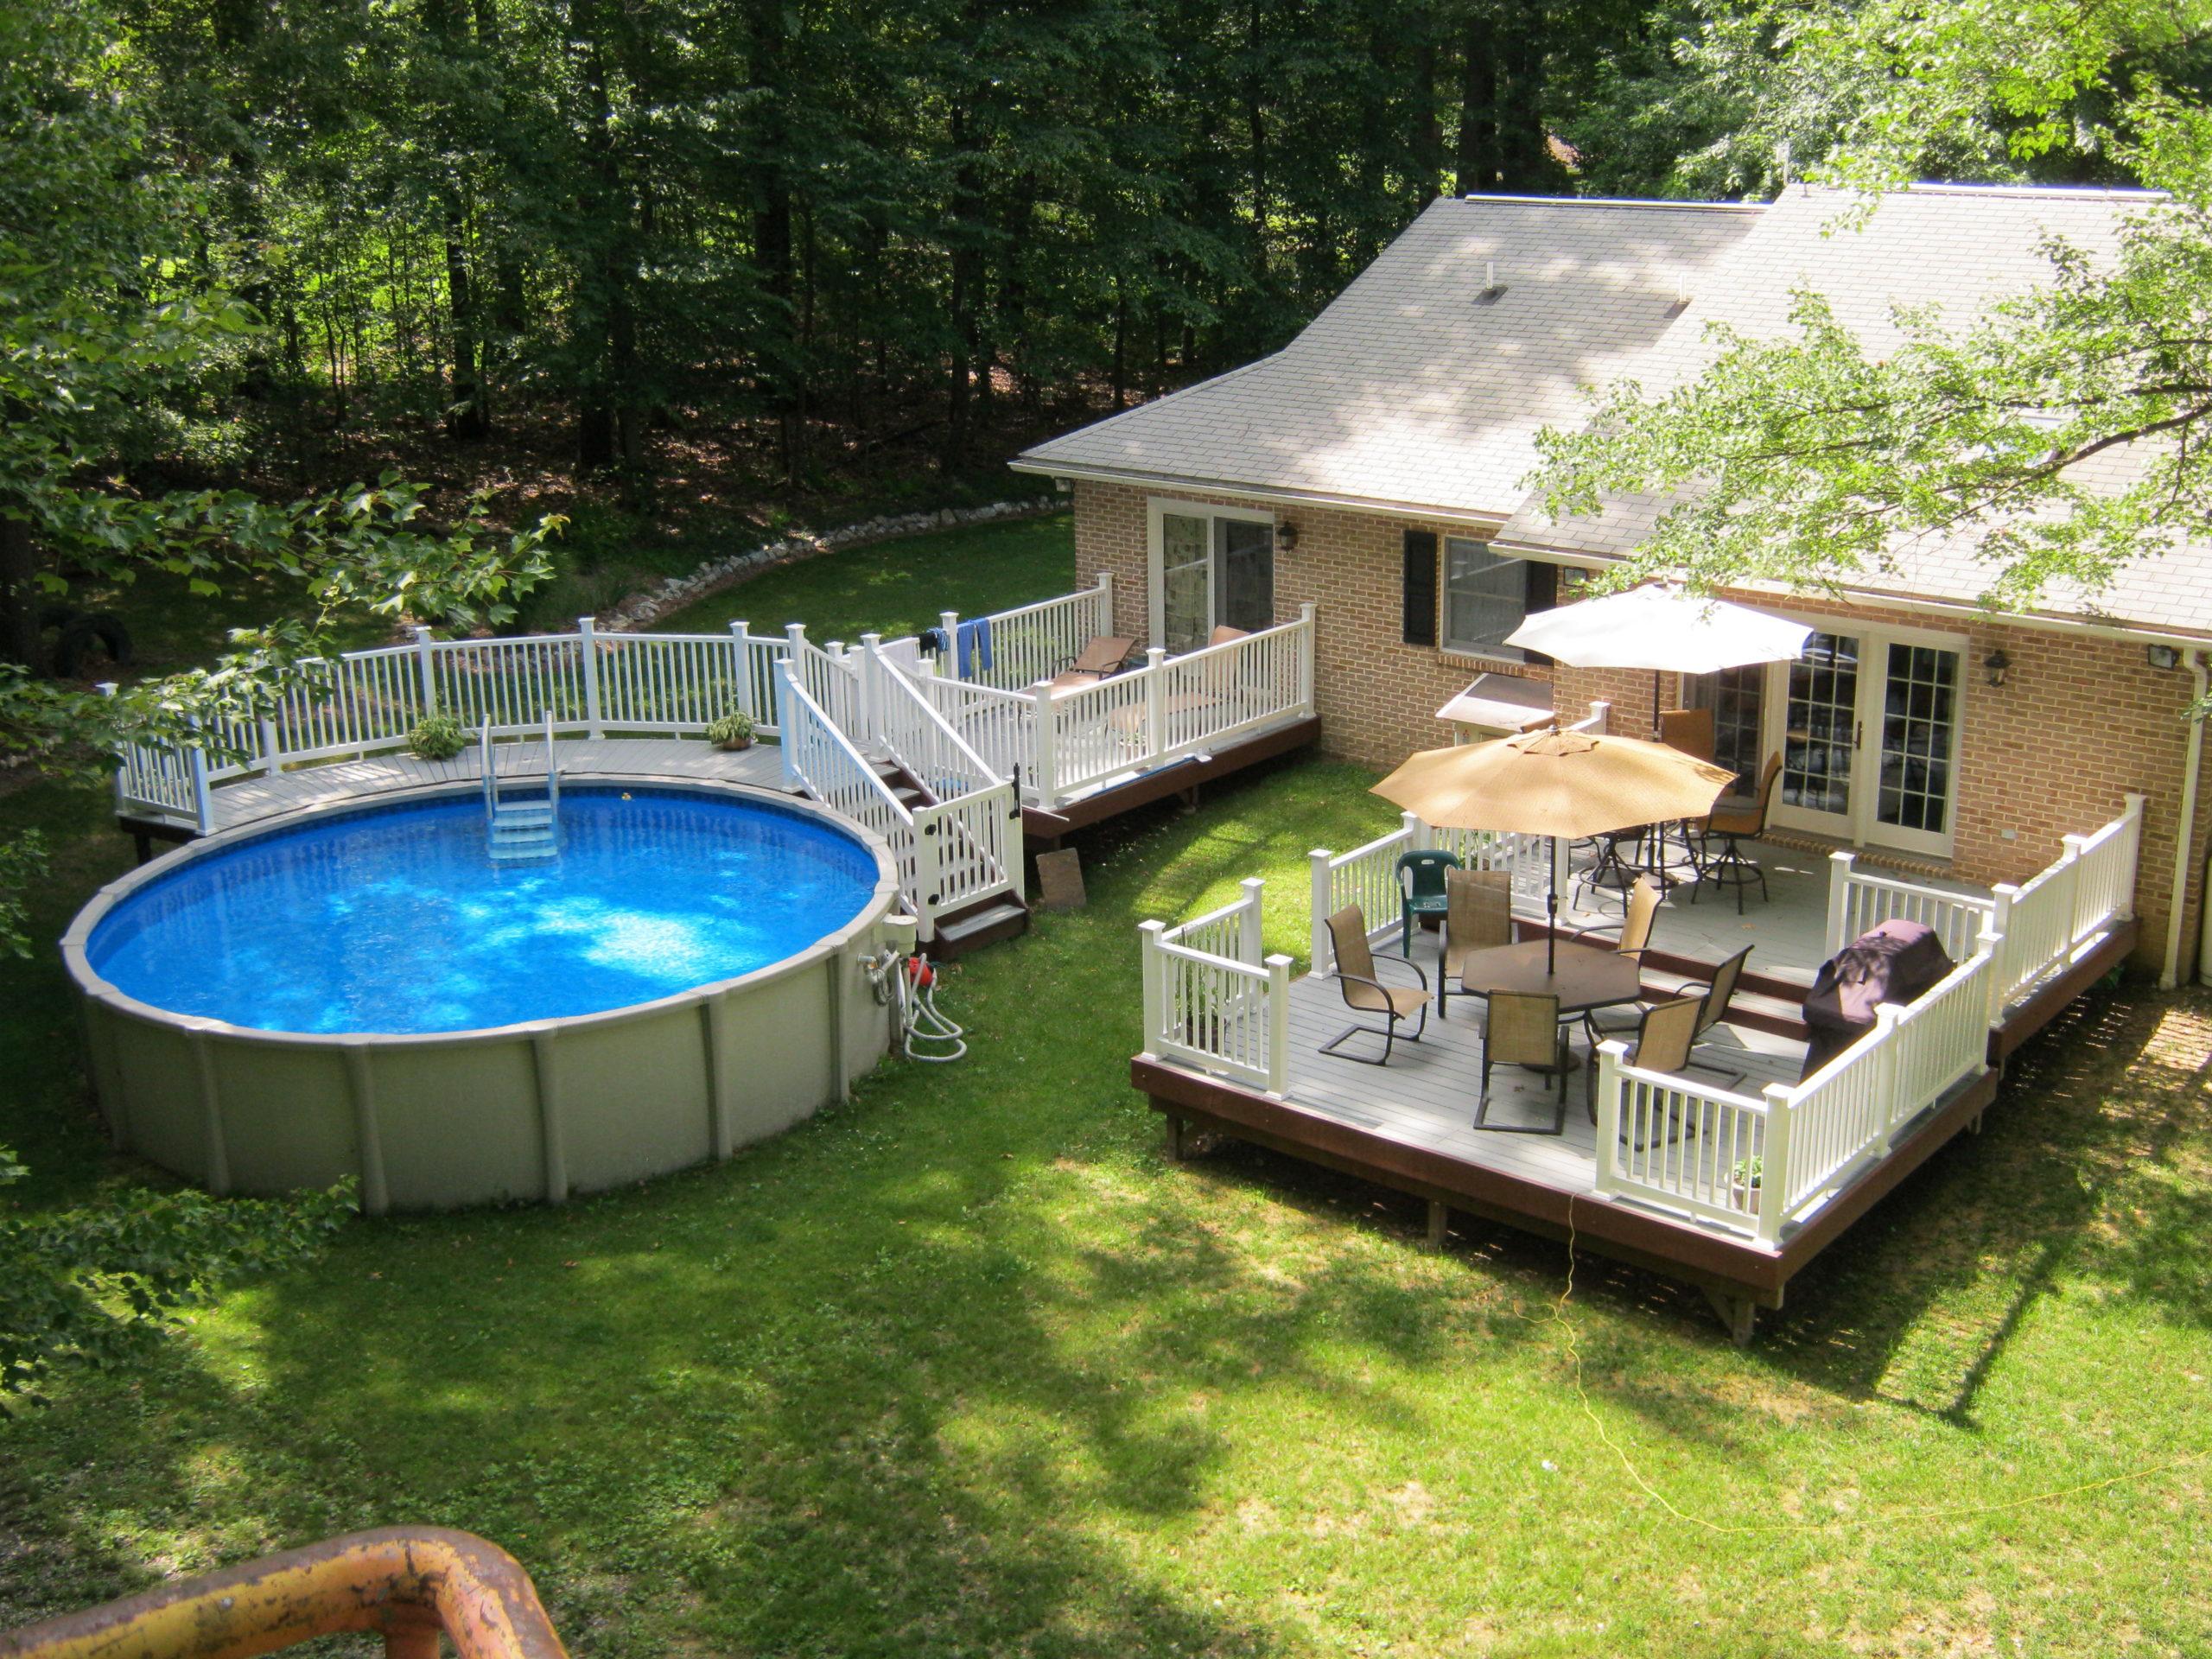 Pourquoi acheter une piscine hors sol en 2021?